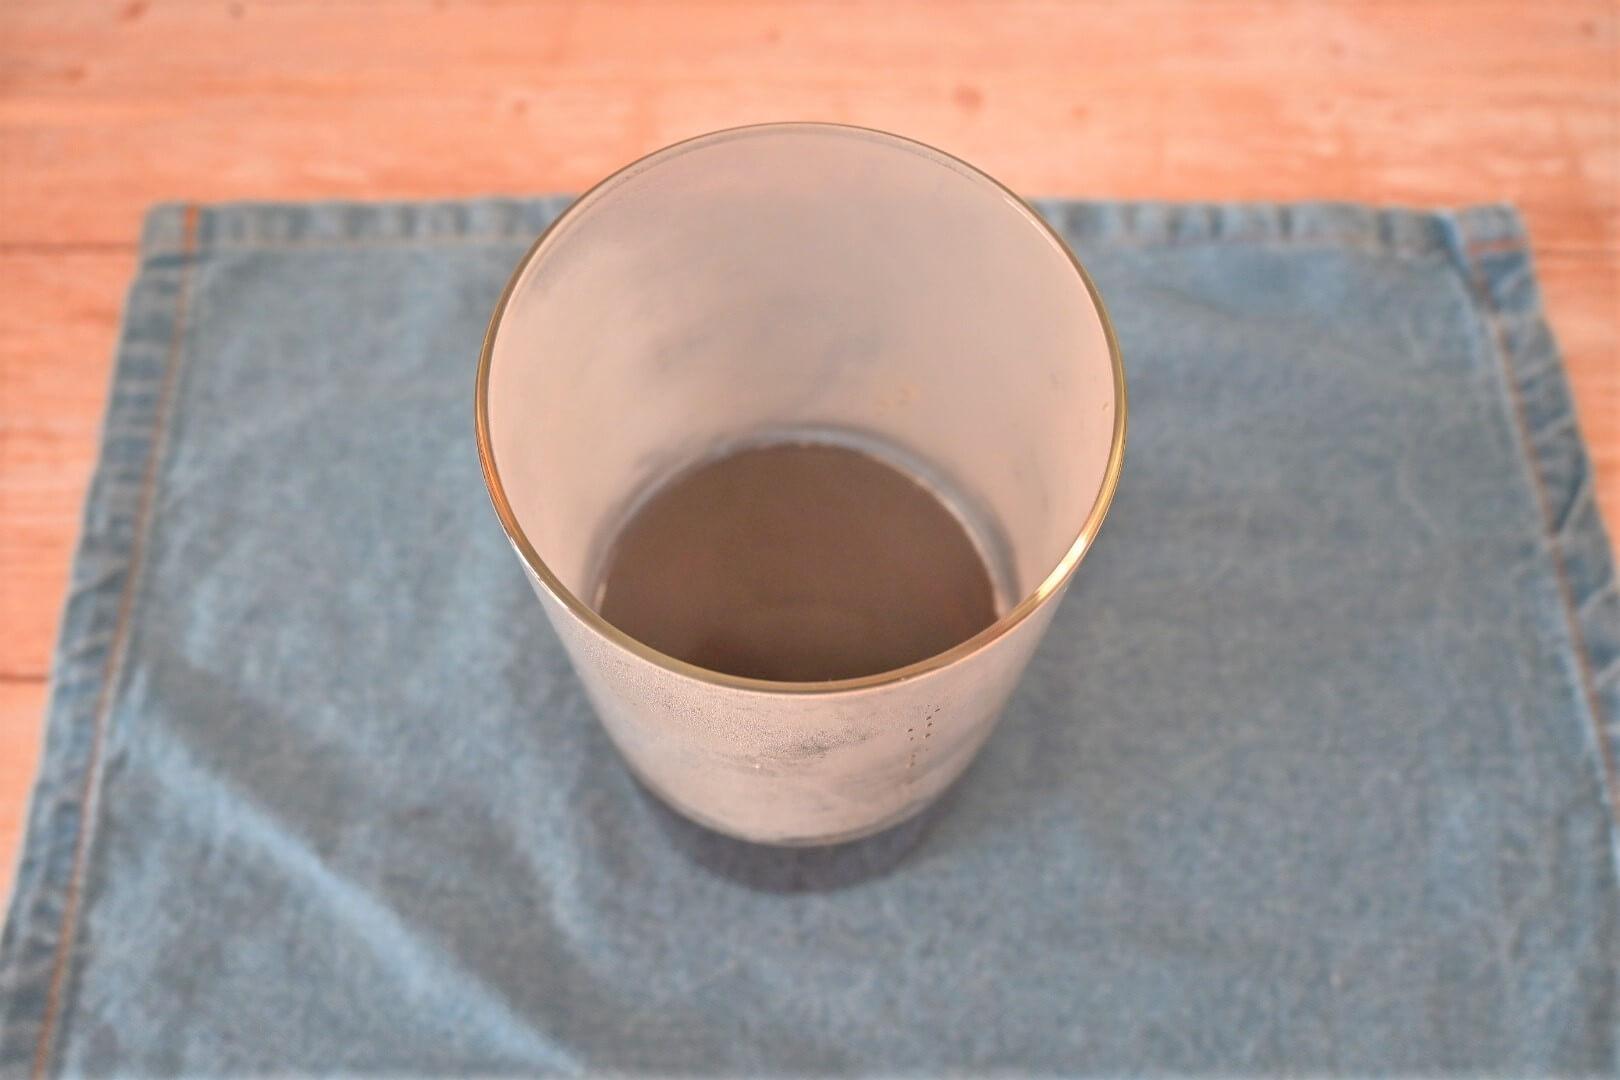 煮出した紅茶をガラス容器に入れた直後の様子